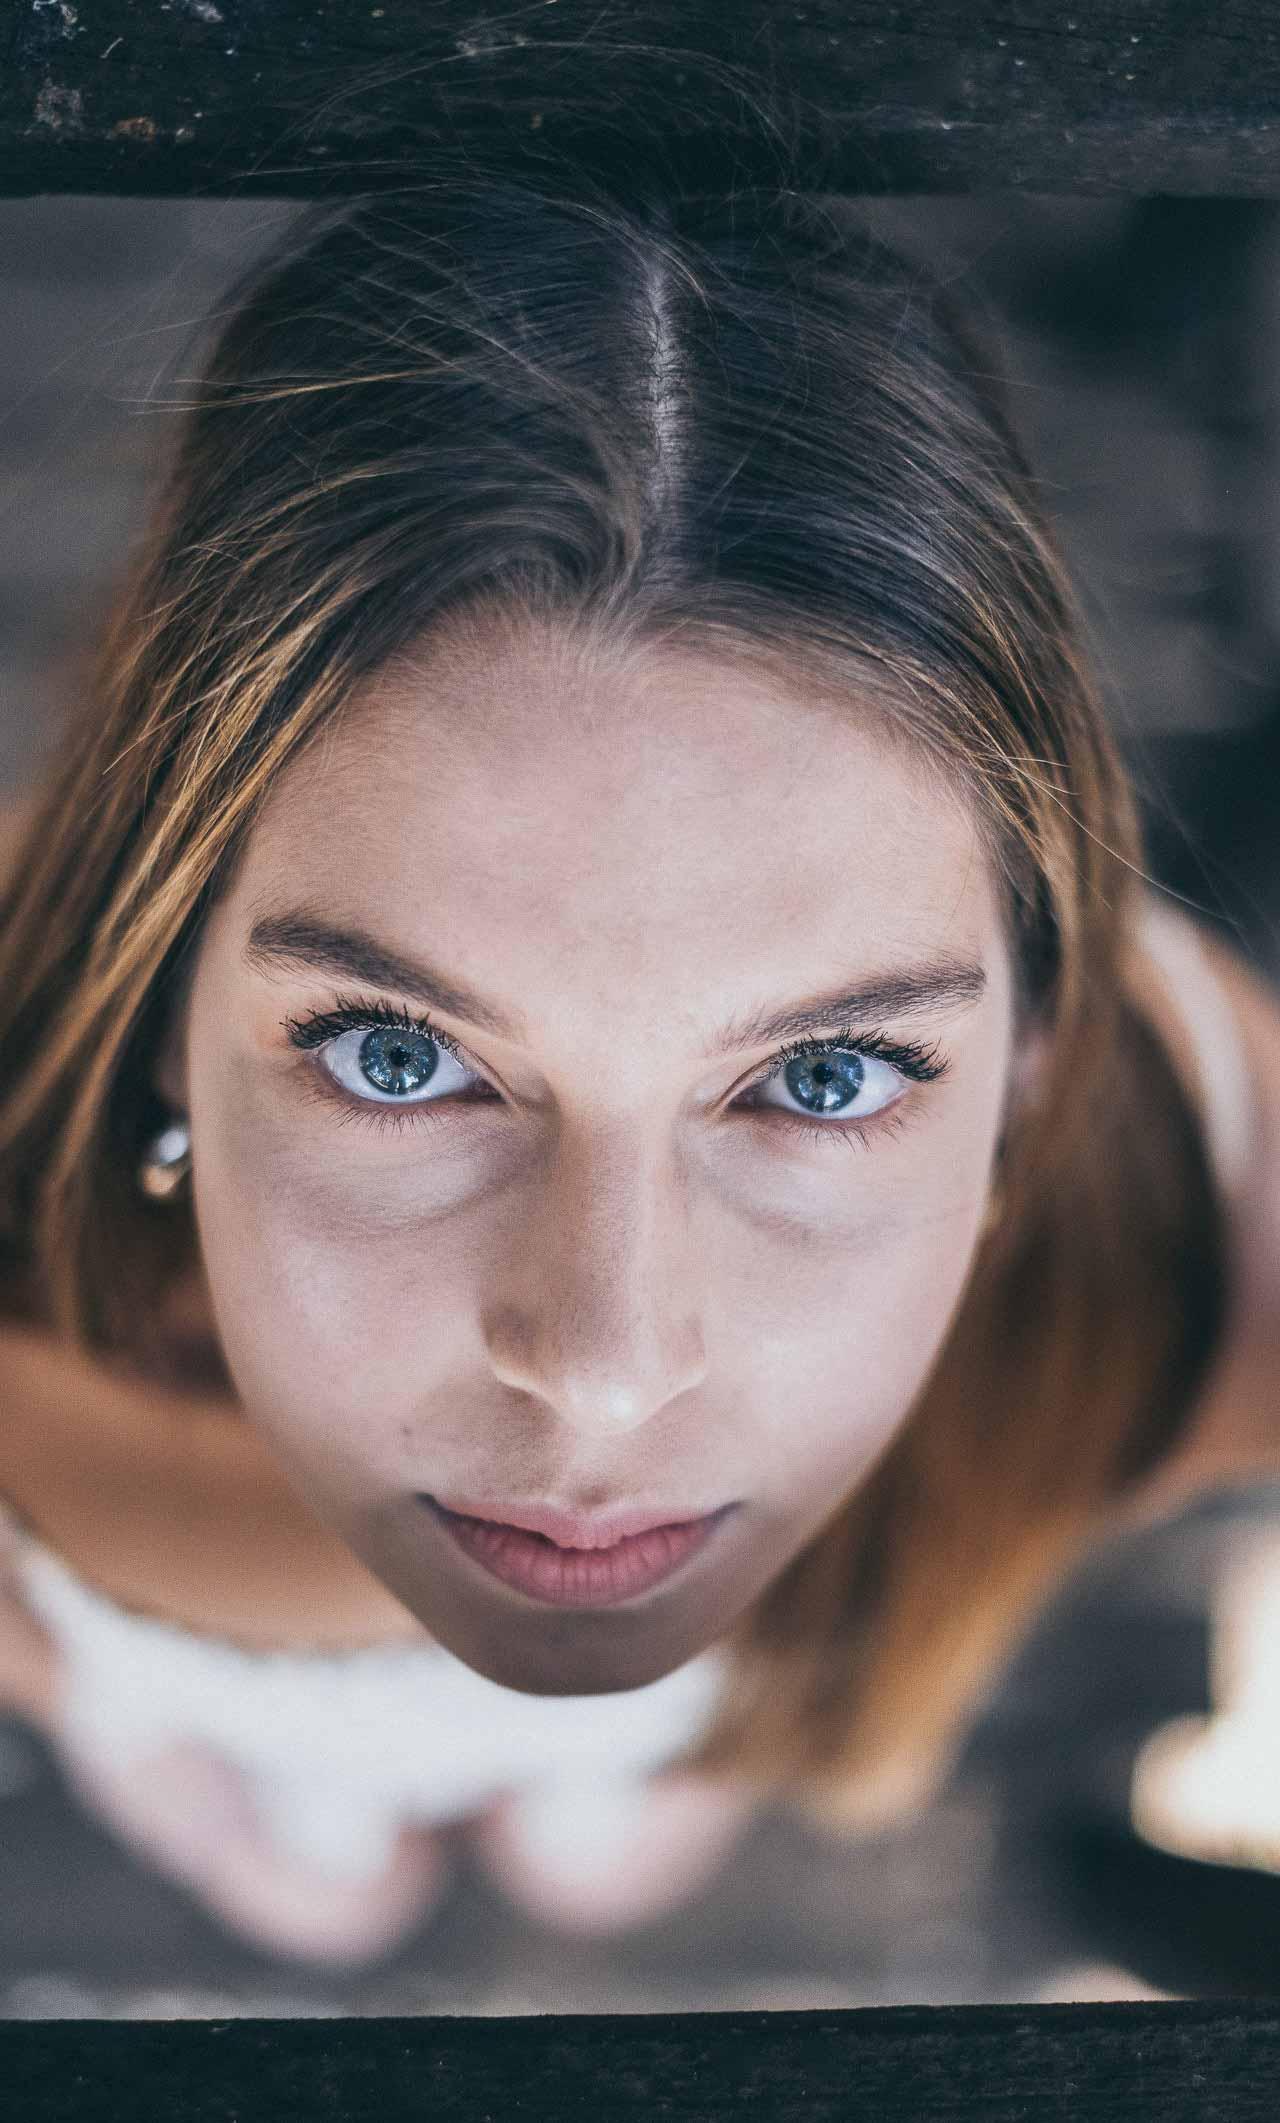 Images for personlig portræt fotograf